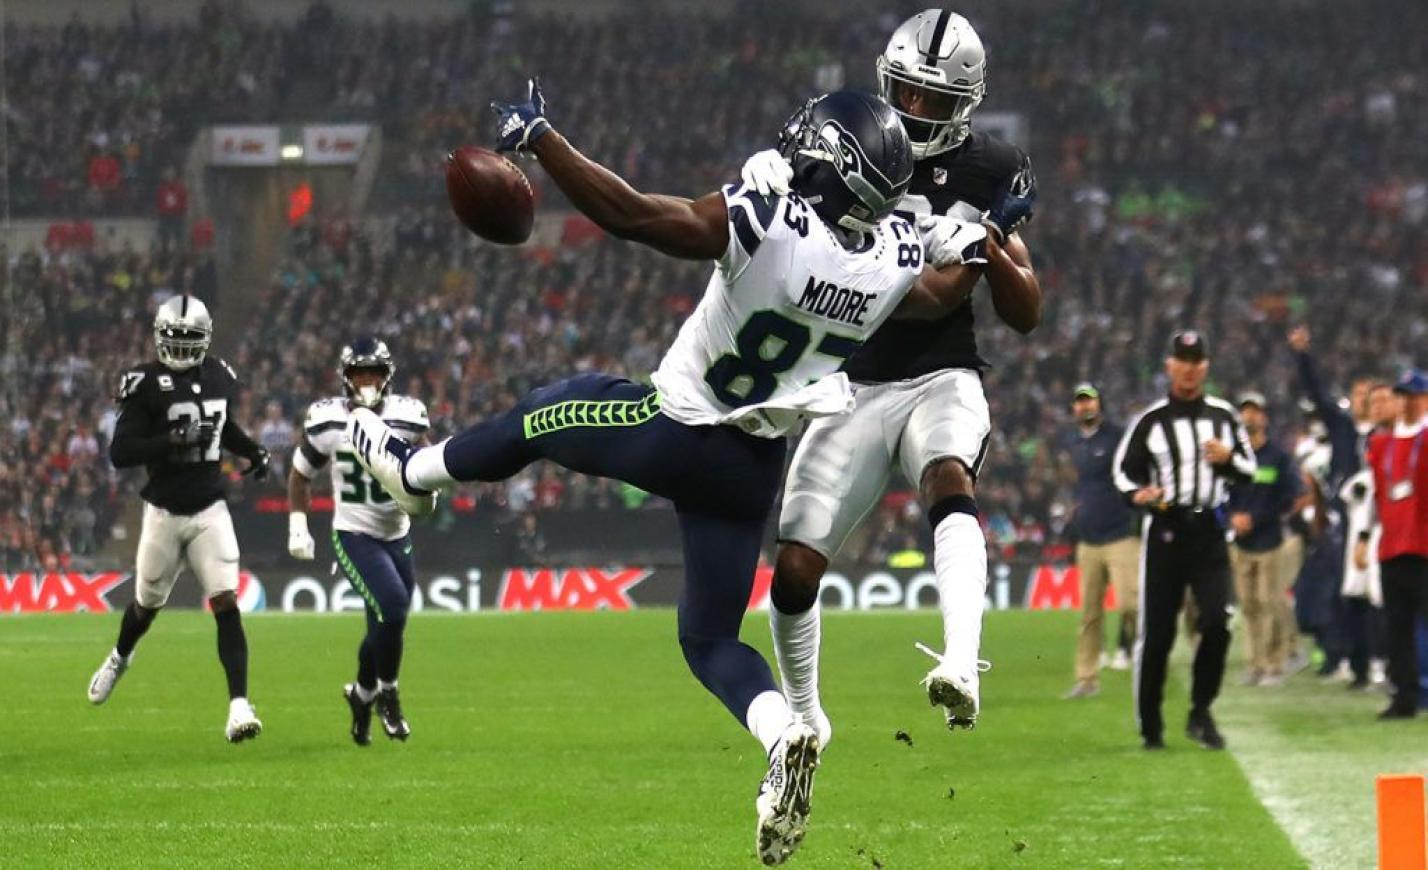 Az NFL azért nem győzhet a futball ellen, mert pénze van, de szíve nincs